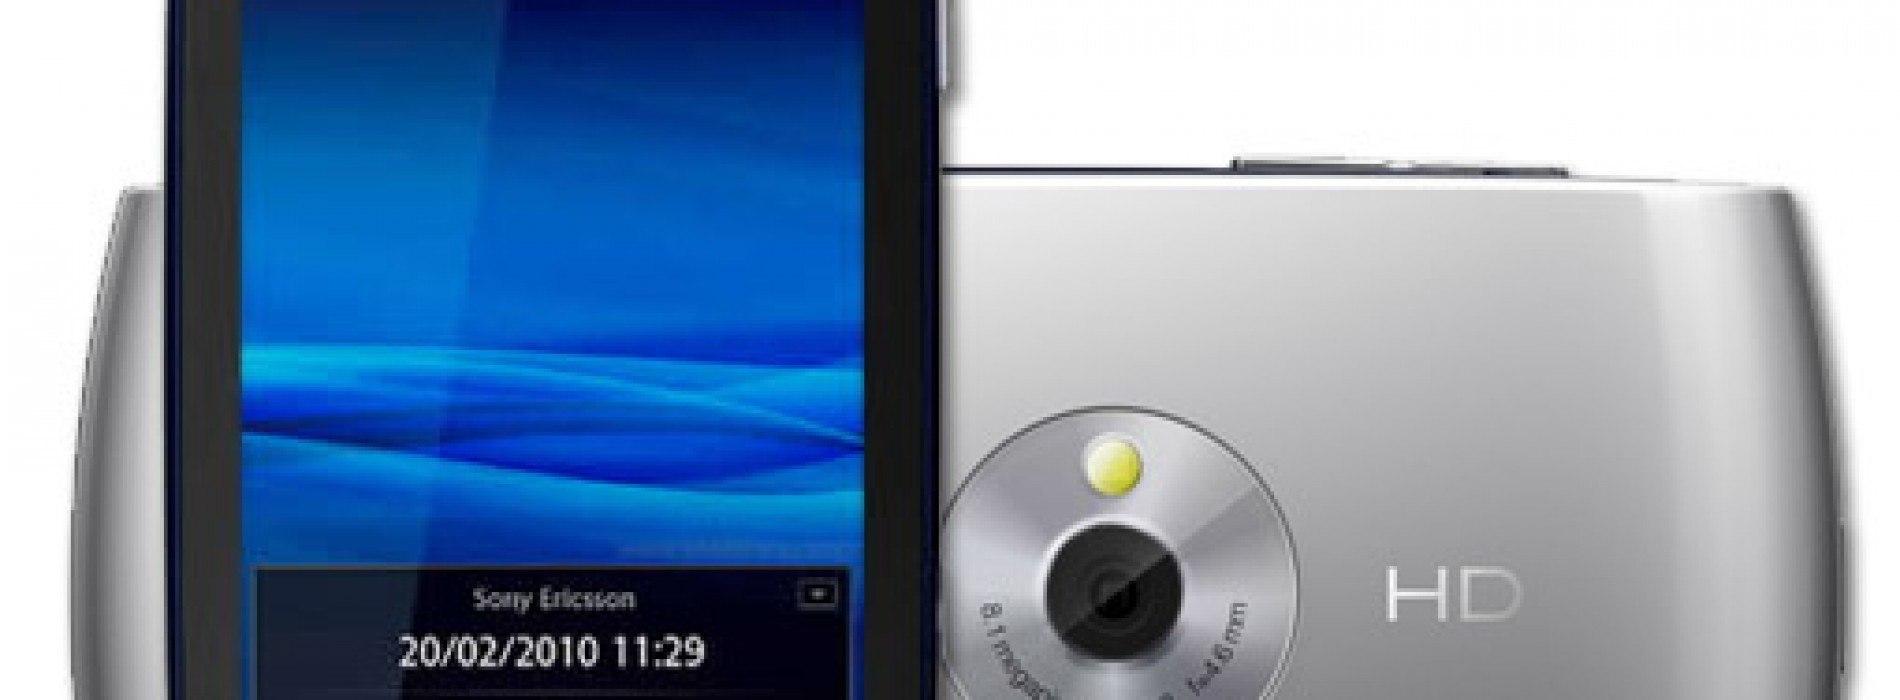 El Vivaz de Sony Ericsson